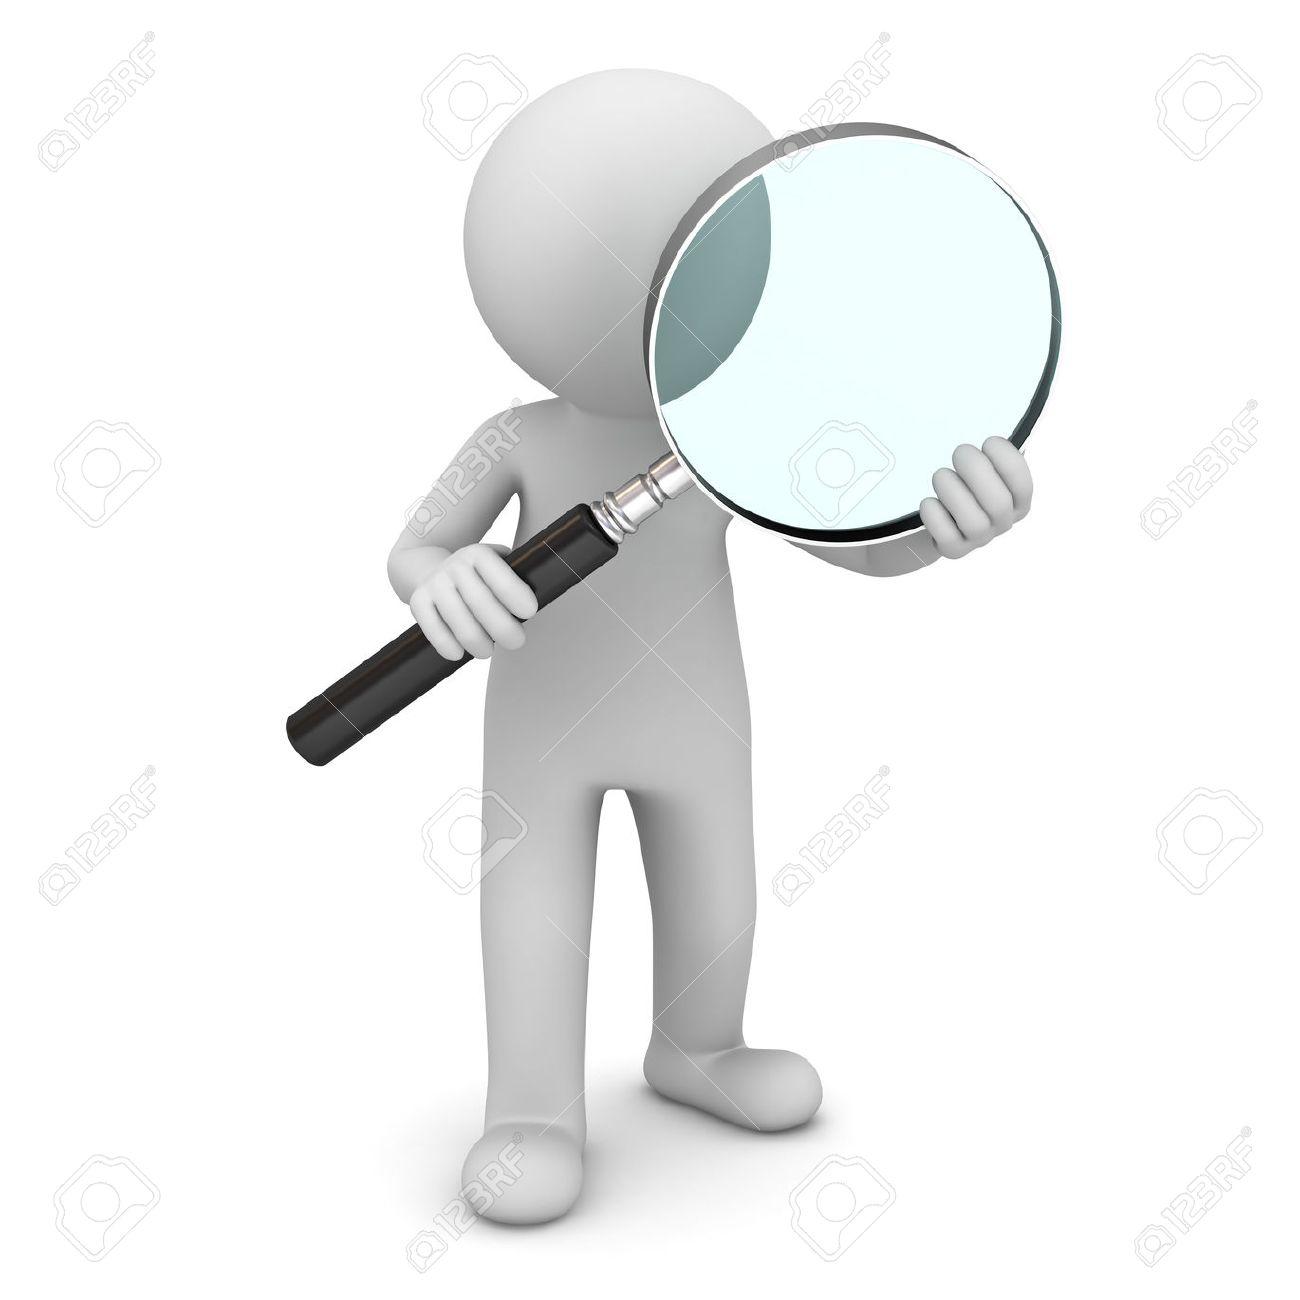 3d homme debout et tenant une loupe isolé sur fond blanc Banque d'images - 25335771